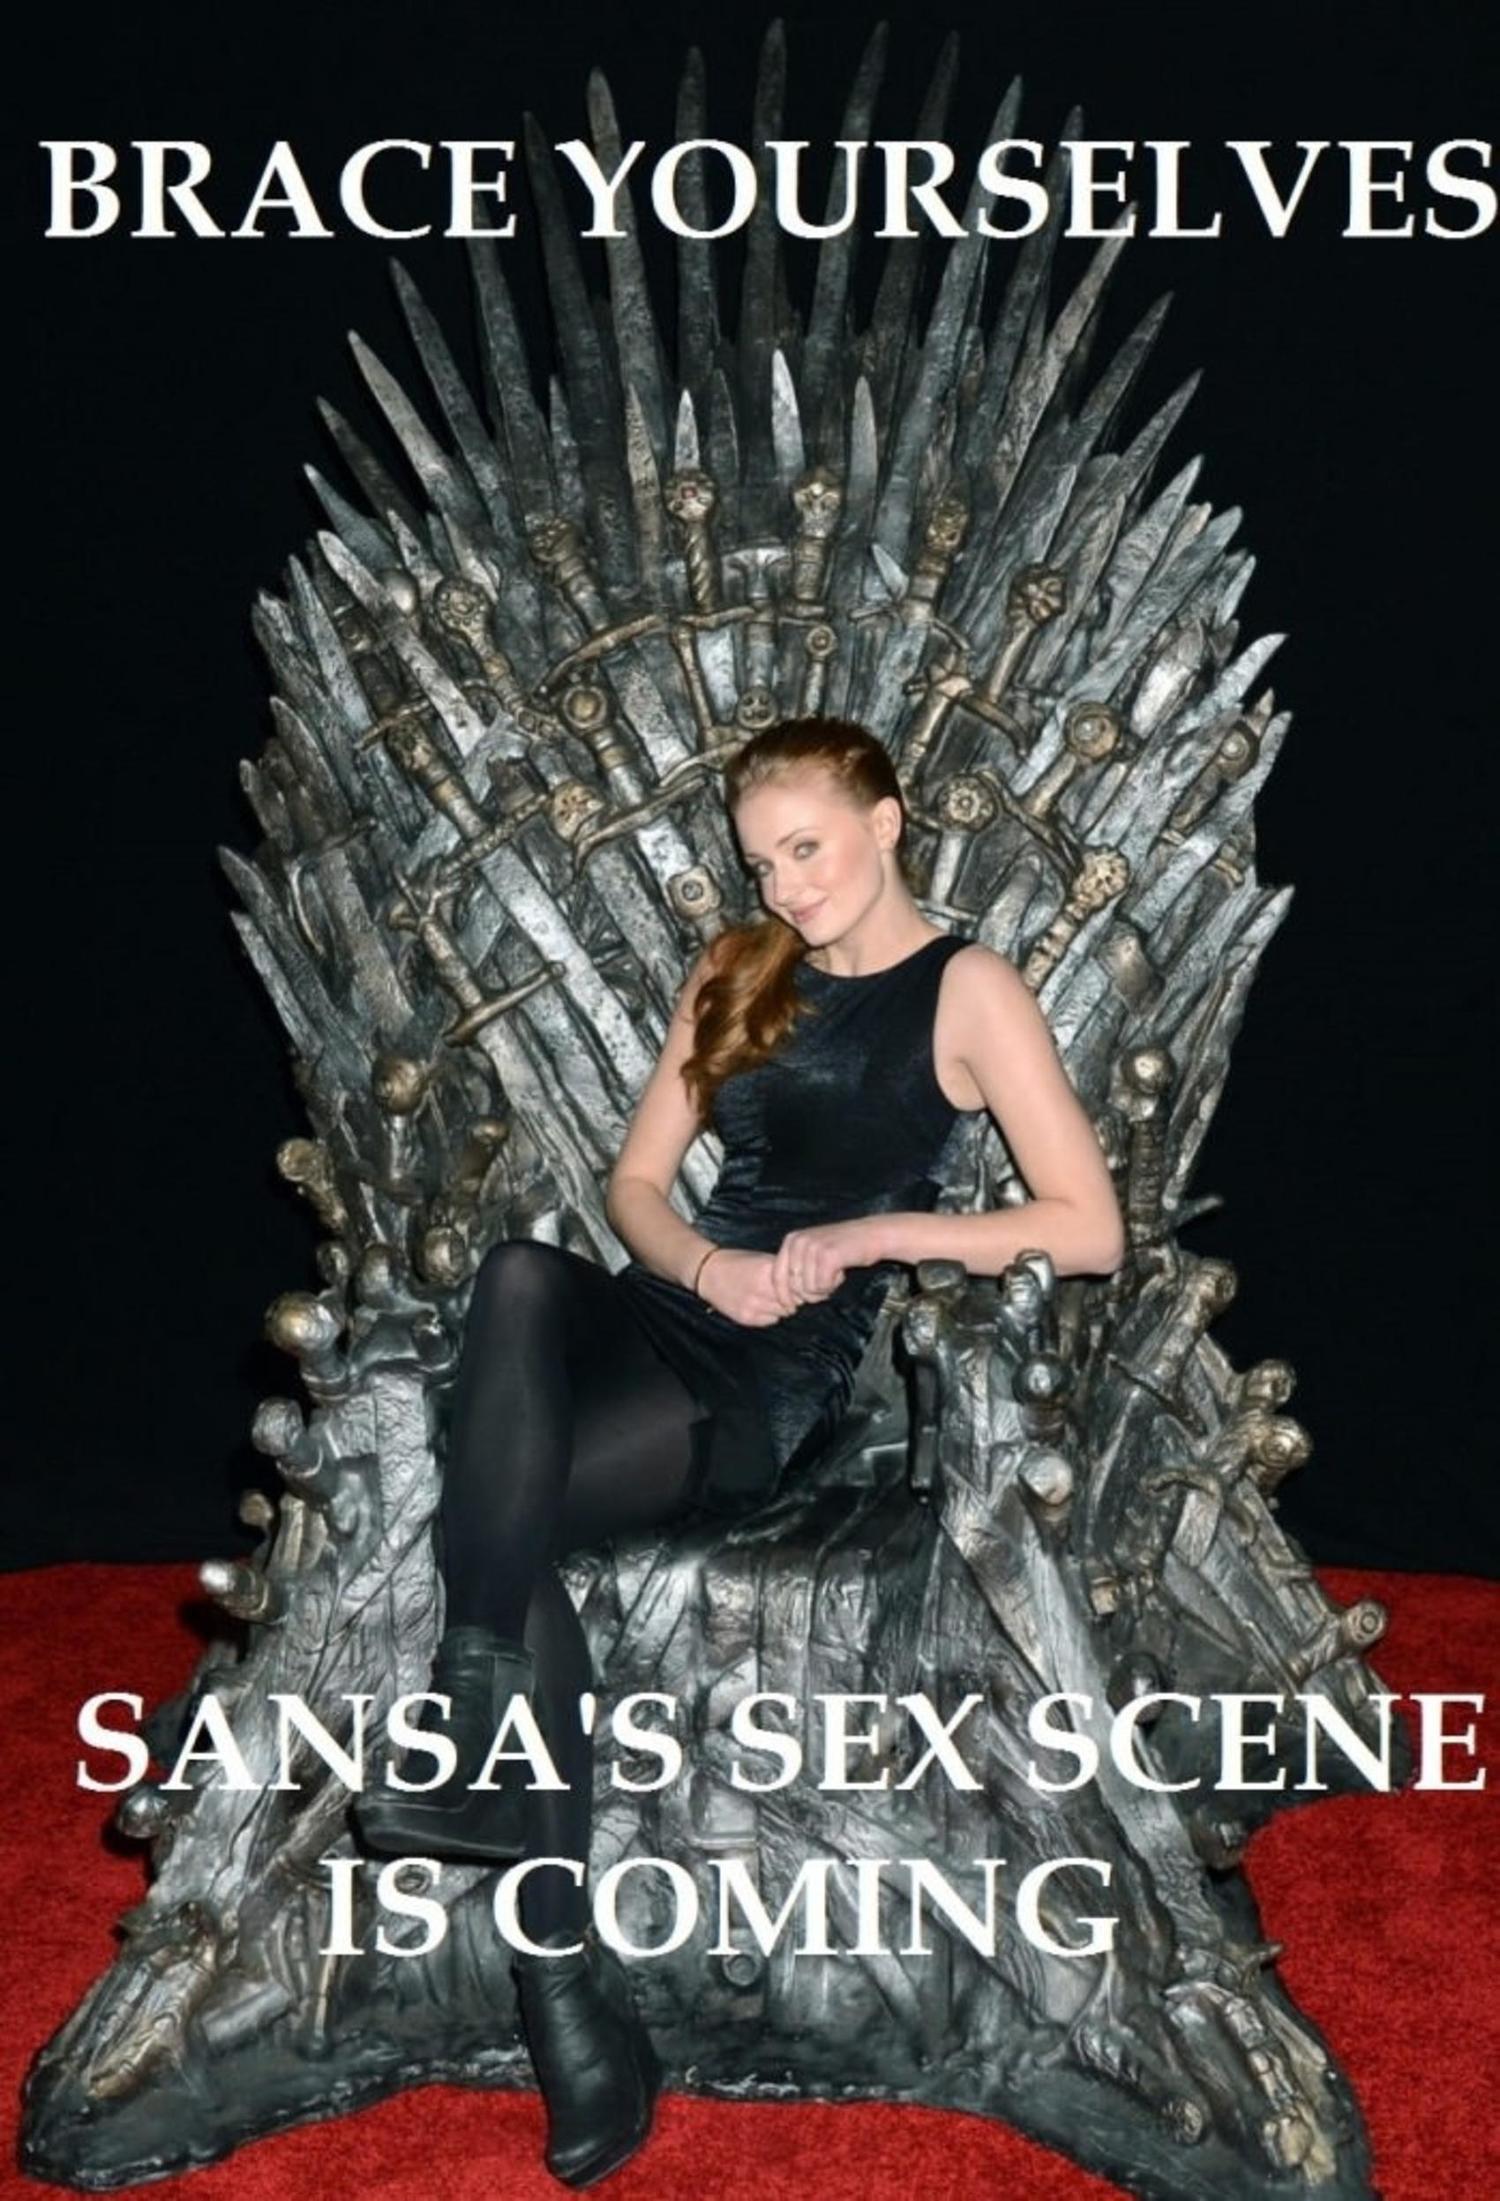 Sansa's sex scene